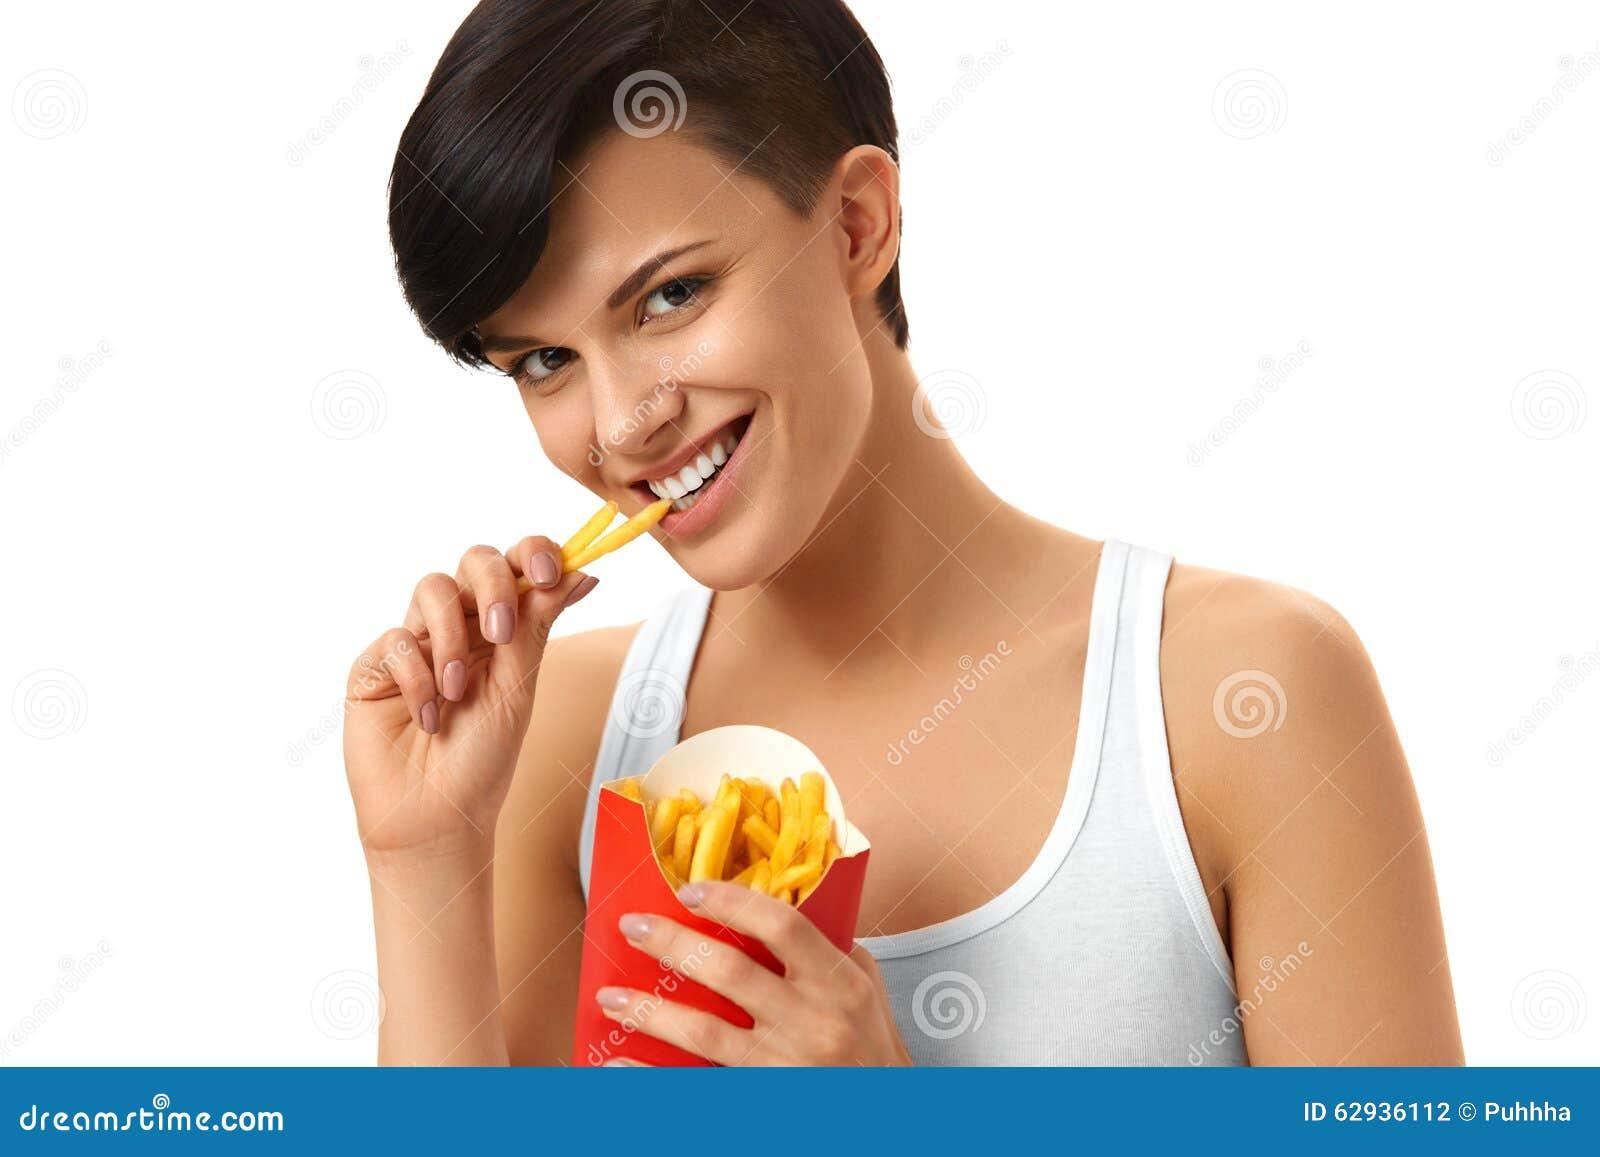 Essen des Schnellimbisses Mädchen, das Pommes-Frites isst nahrung lebensstil